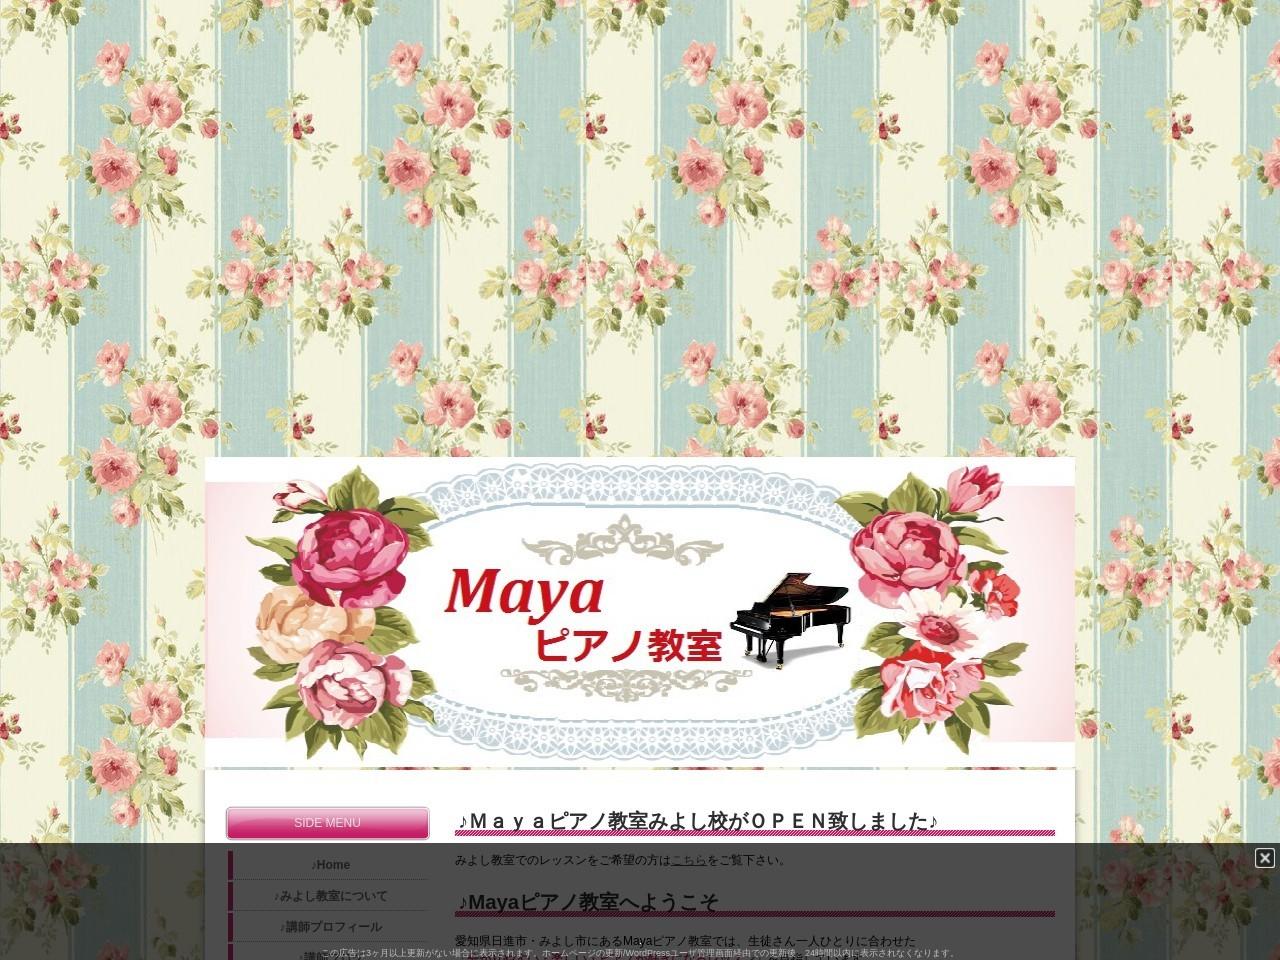 Mayaピアノ教室のサムネイル